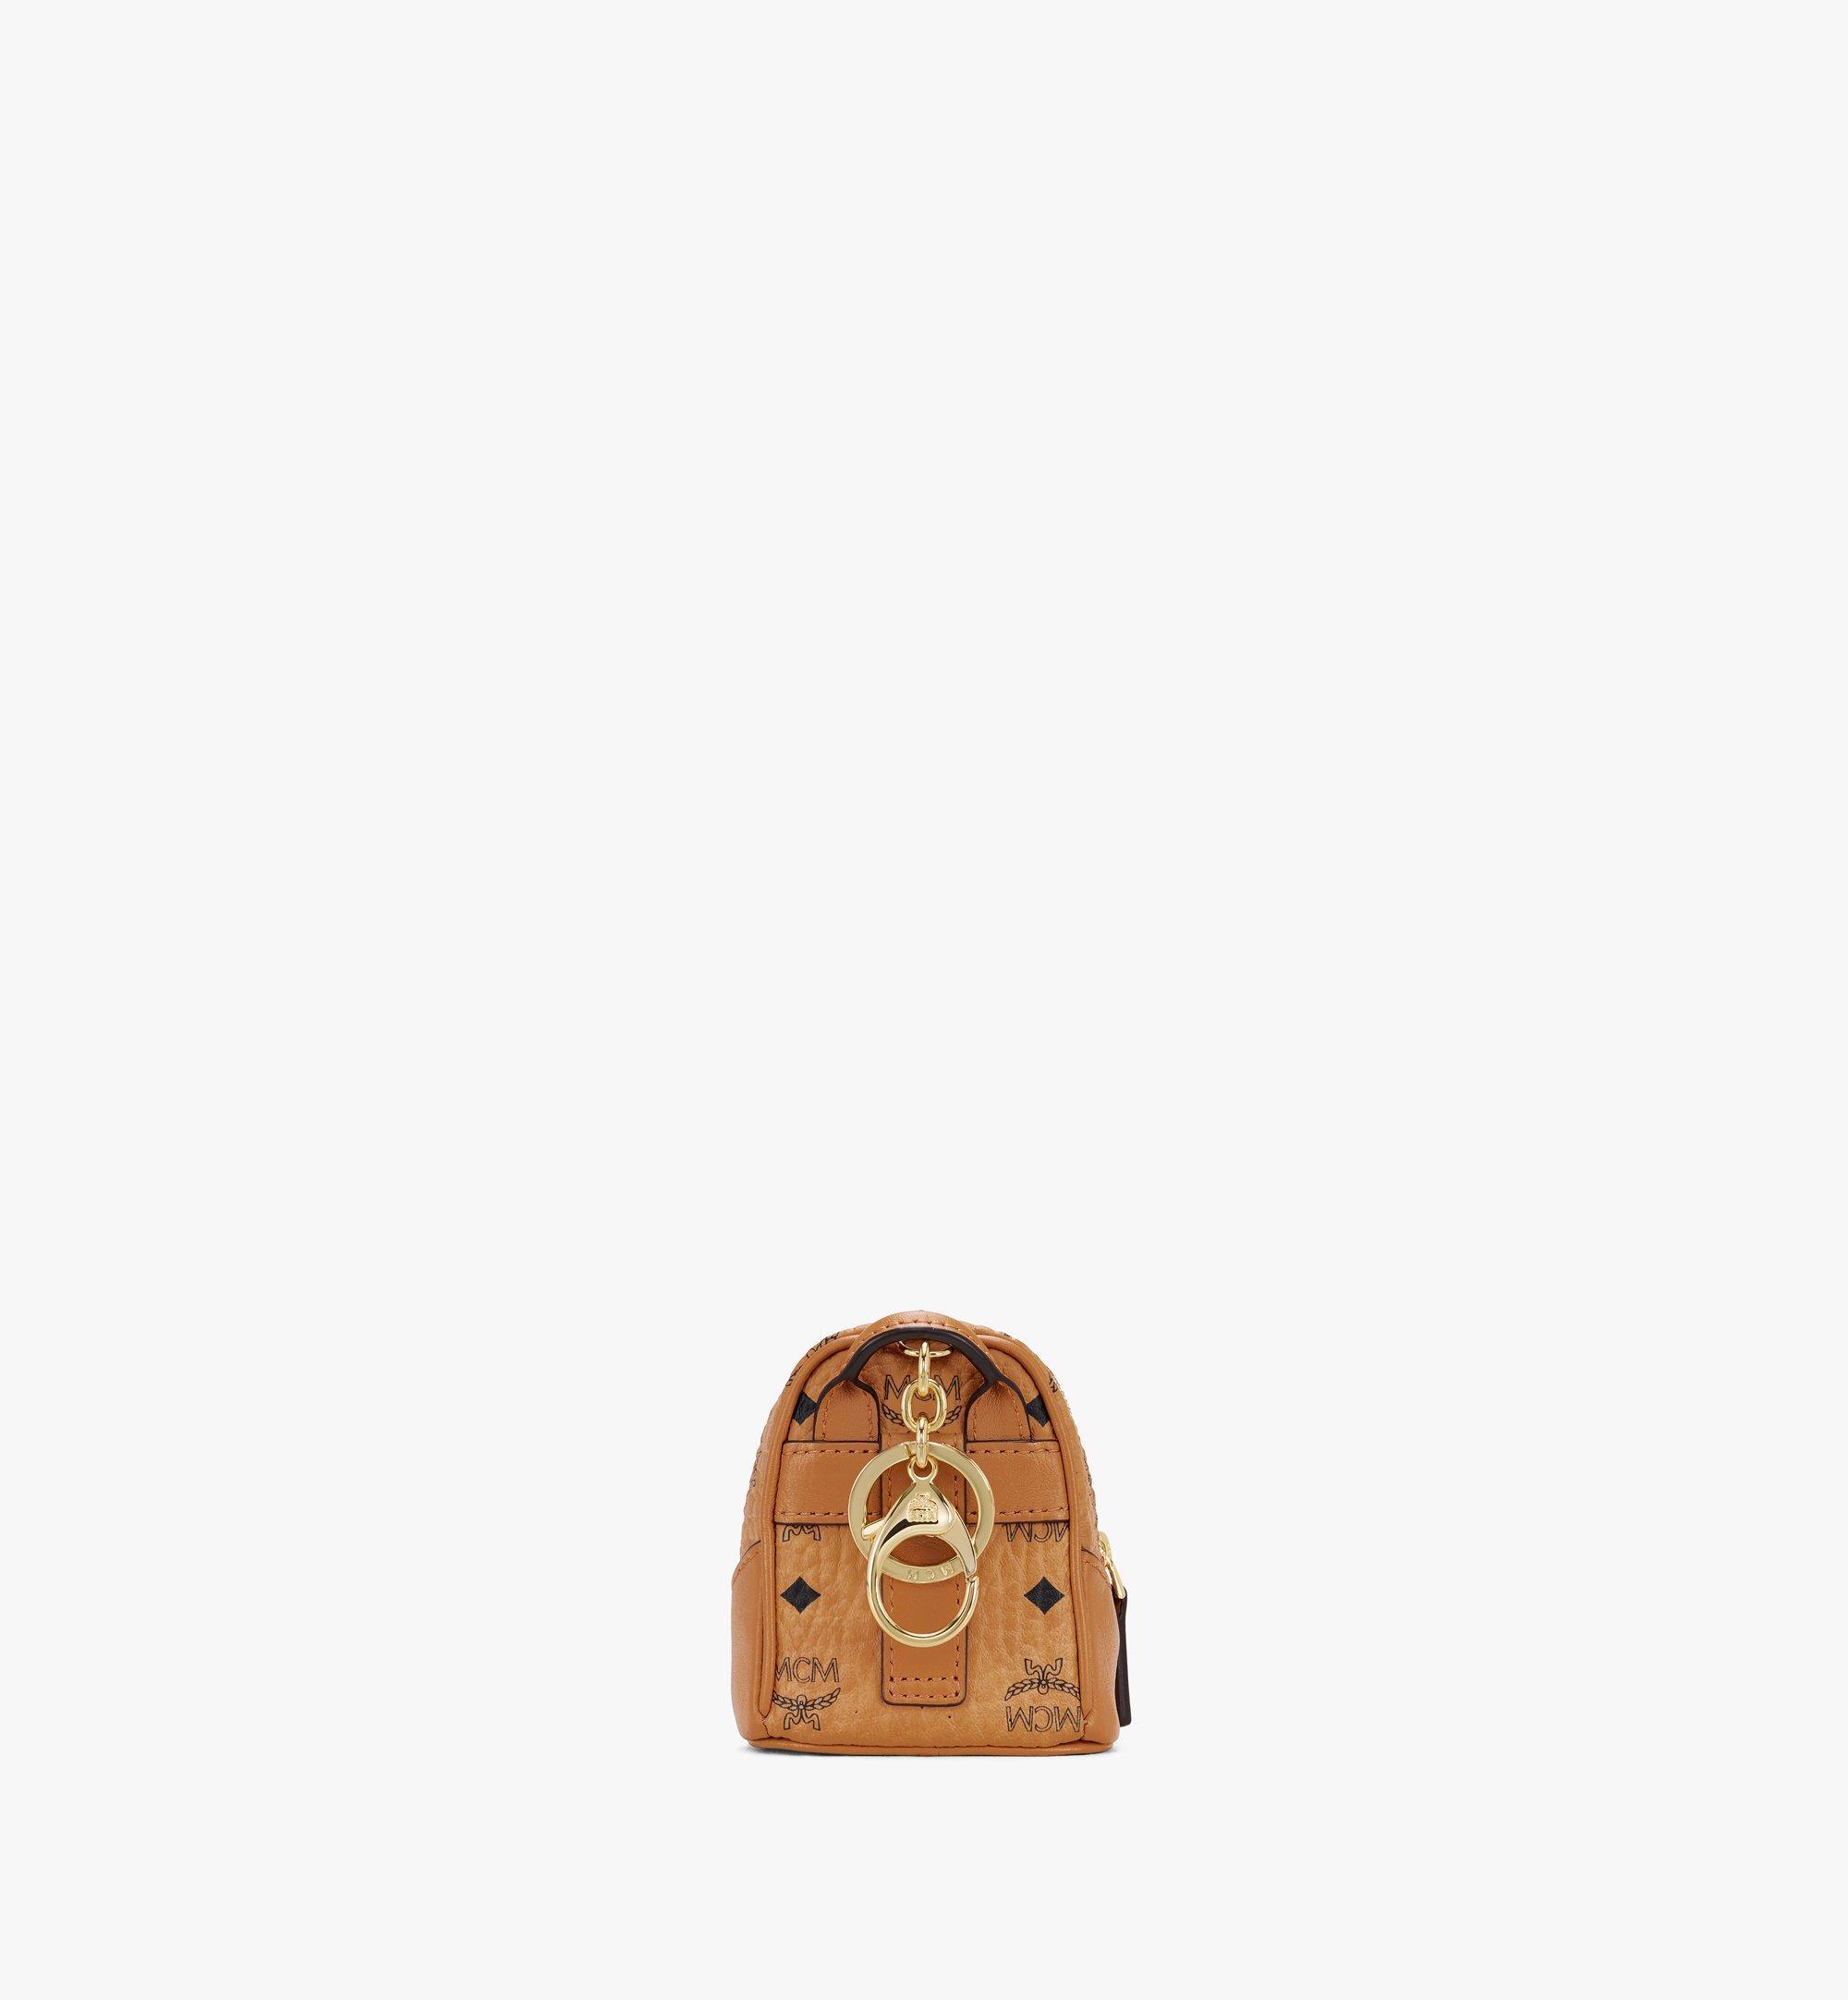 MCM Porte-clés sac à dos Neo Duke en Visetos Cognac MXZASVI14CO001 Plus de photos 2